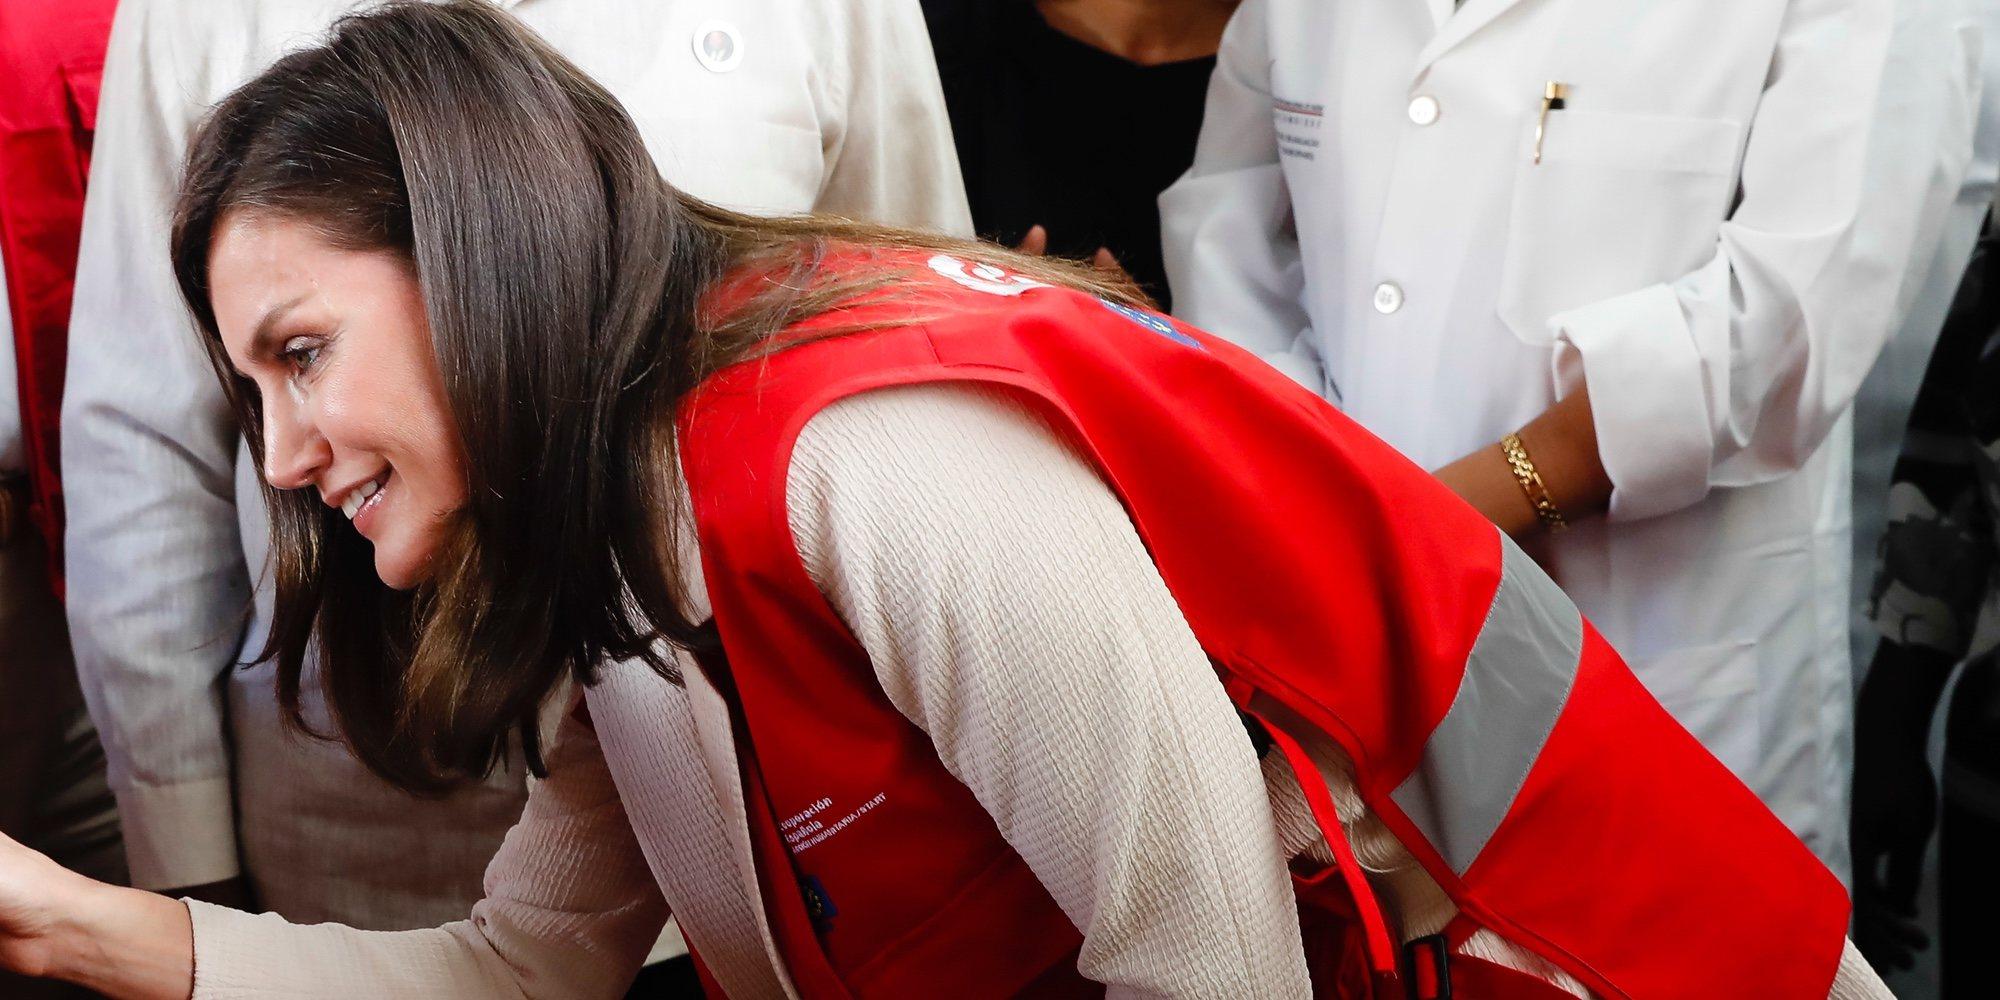 La Reina Letizia, muy comprometida con la investigación de la malaria en su viaje de cooperación a Mozambique